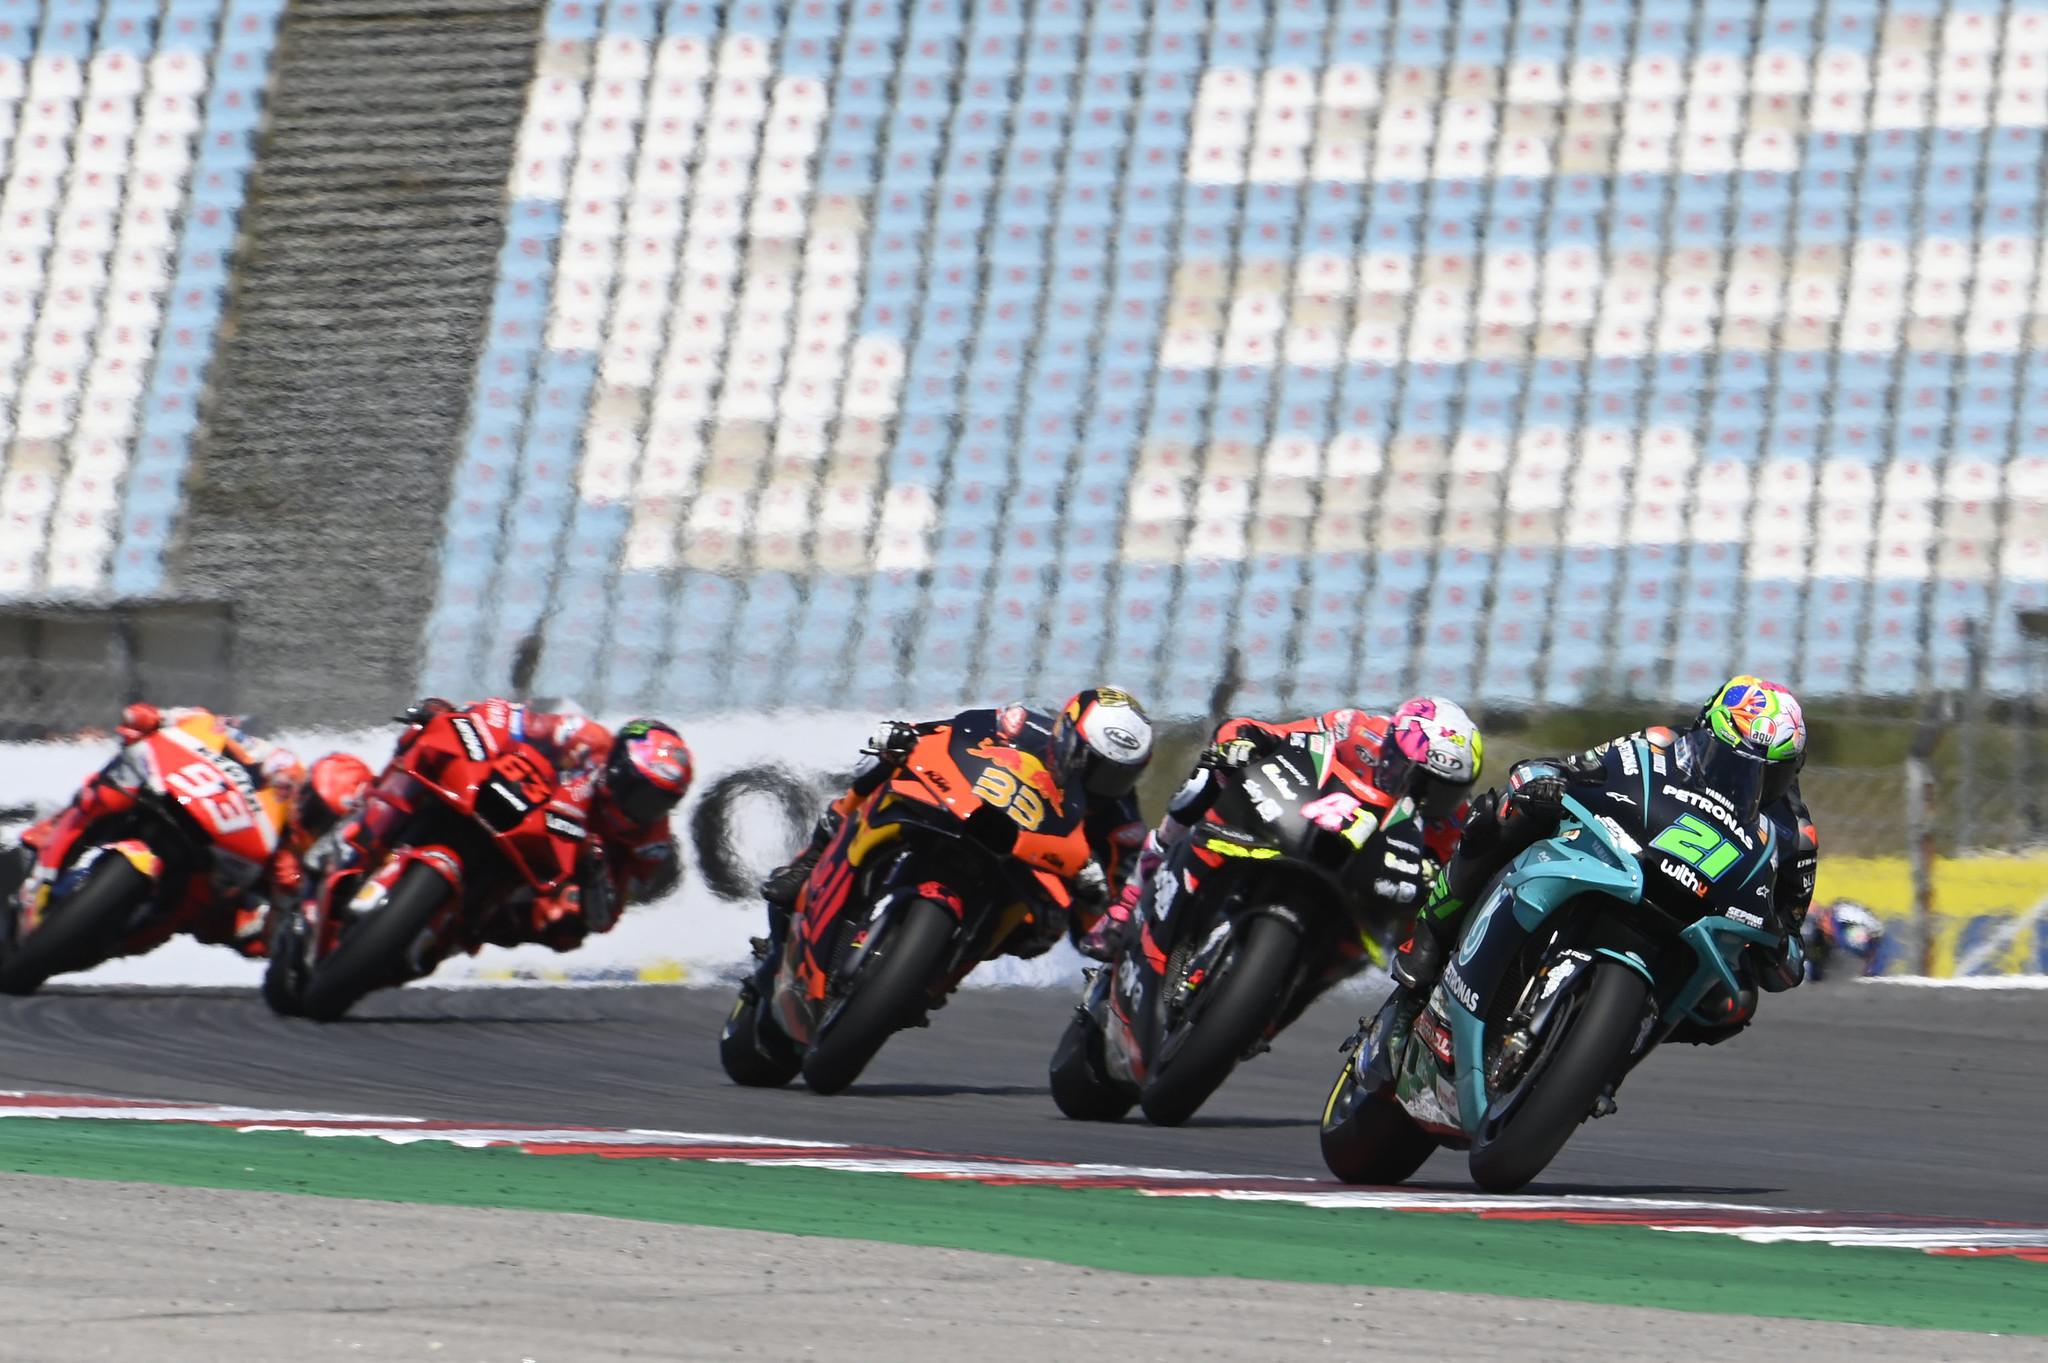 MotoGP2021 ポルトガルGP 4位フランコ・モルビデッリ「最後にプッシュするポテンシャルがなかった」